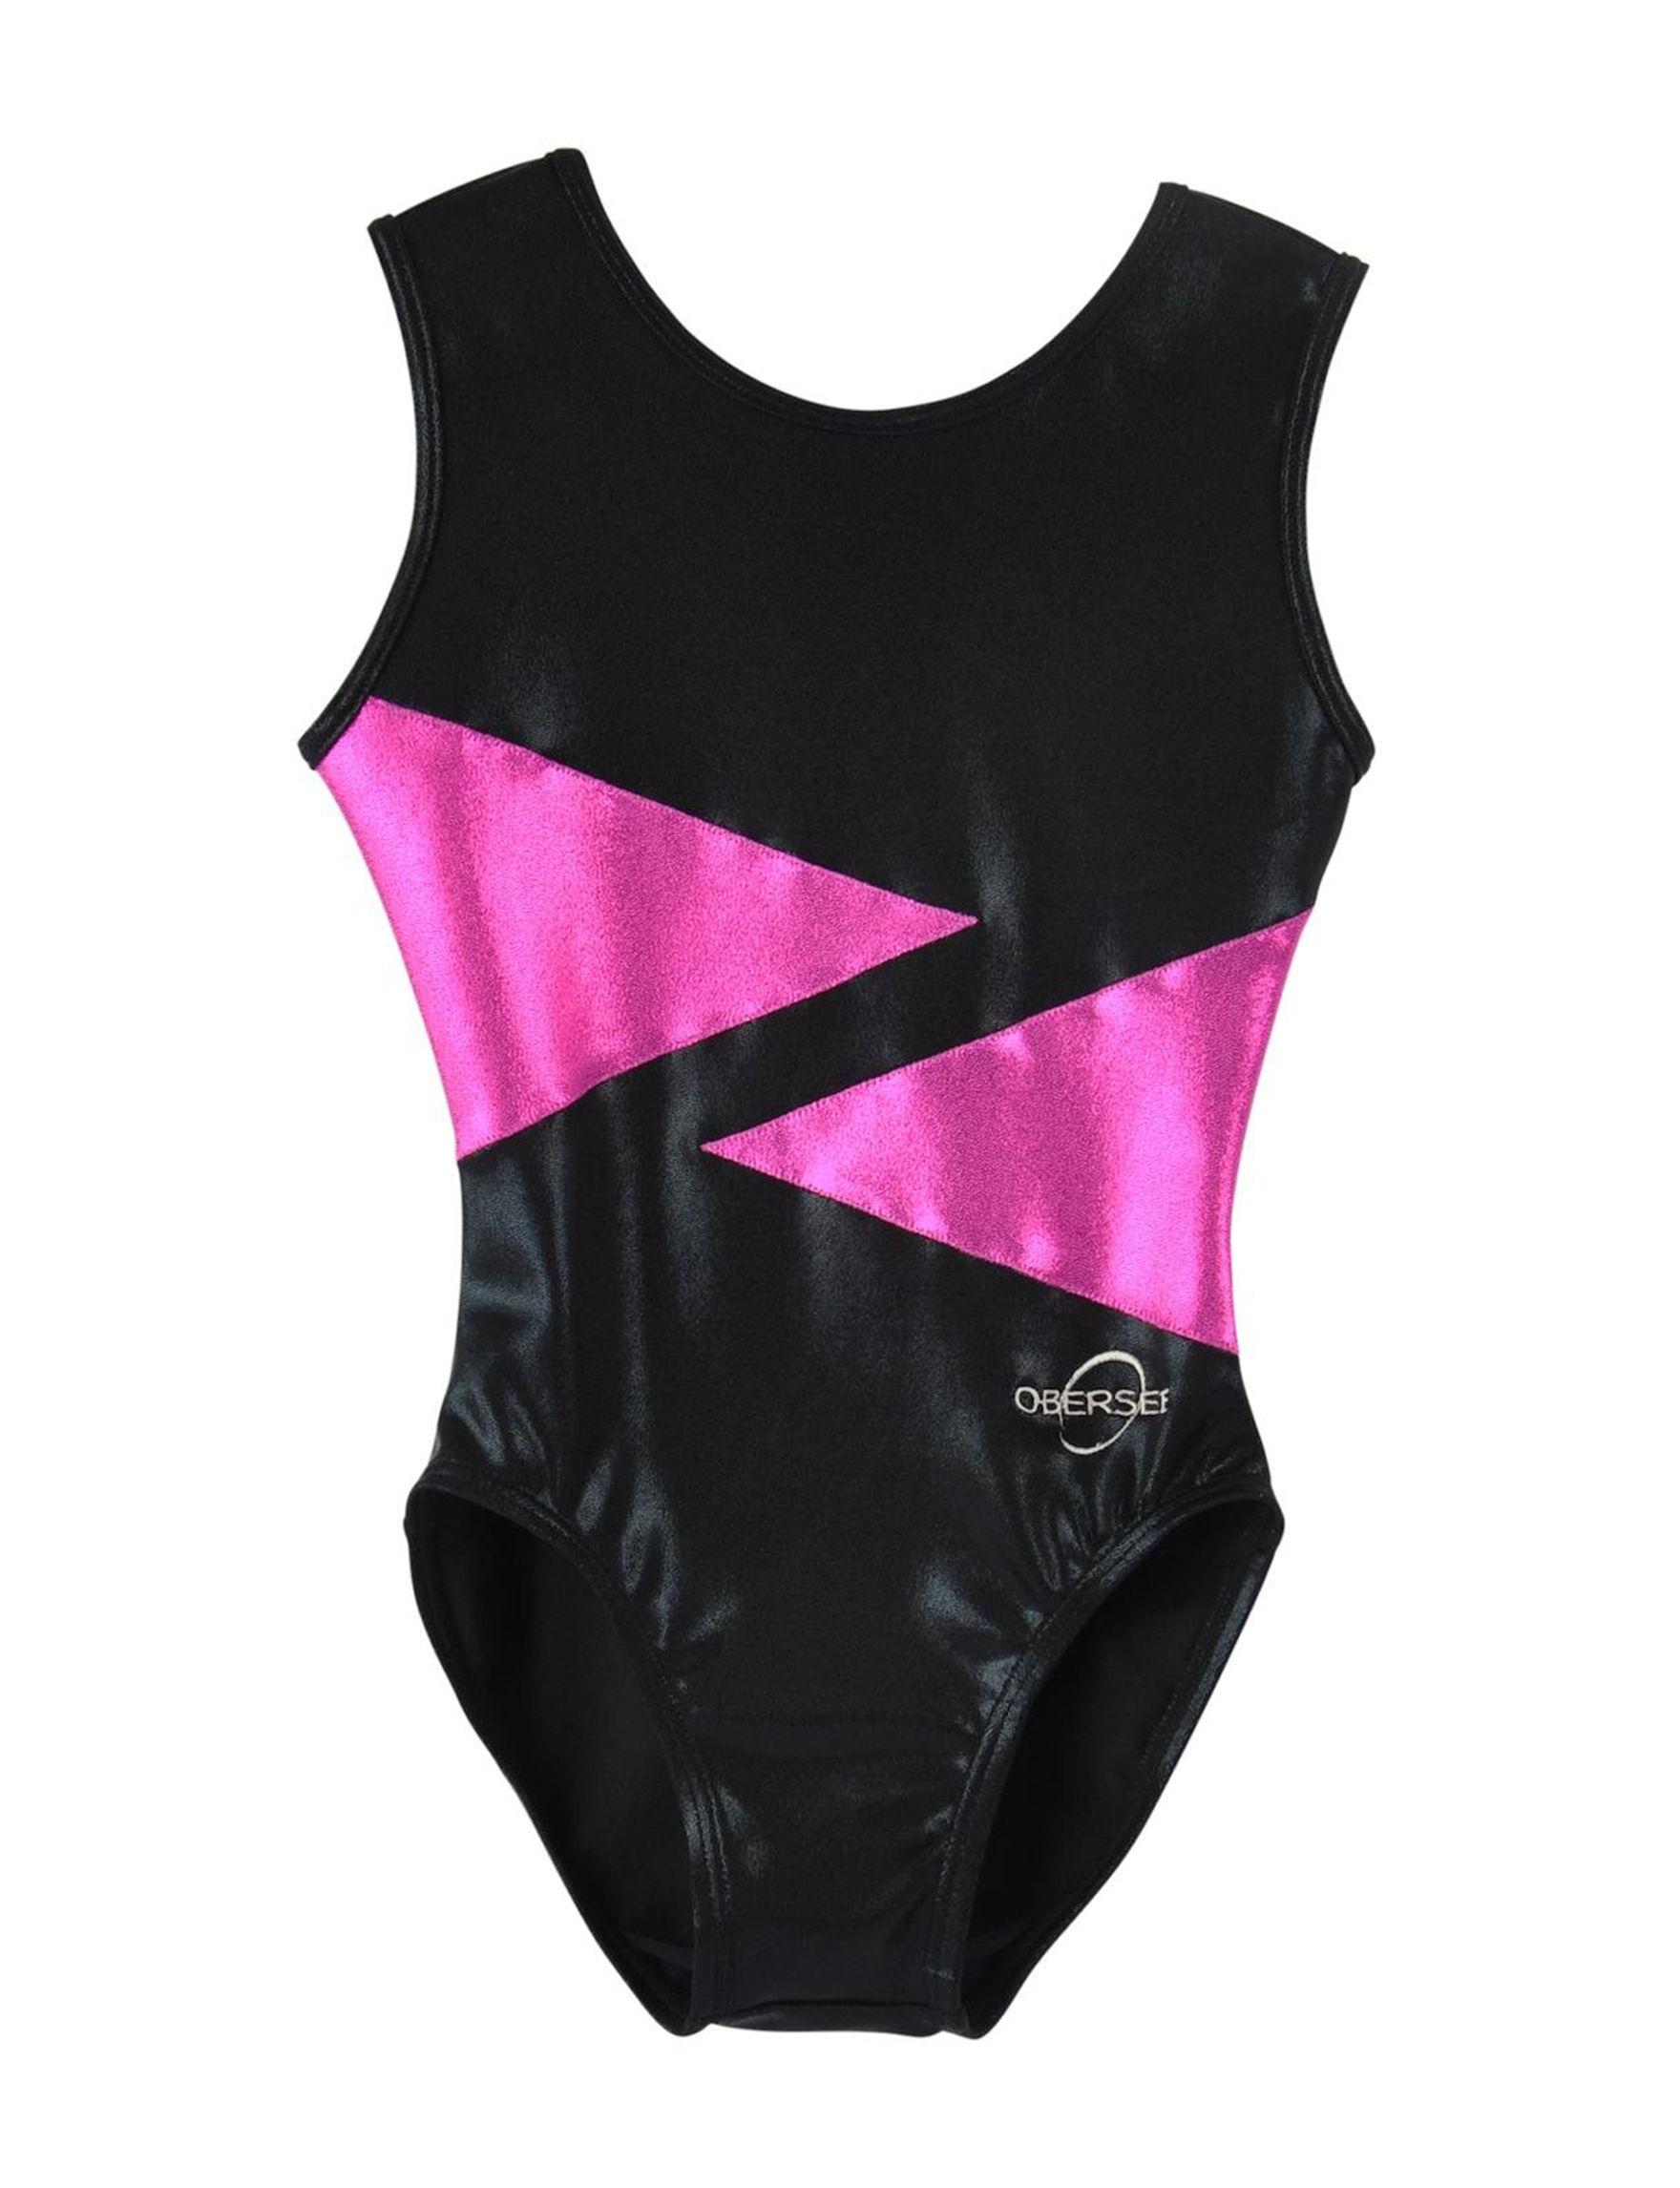 Obersee Black / Pink